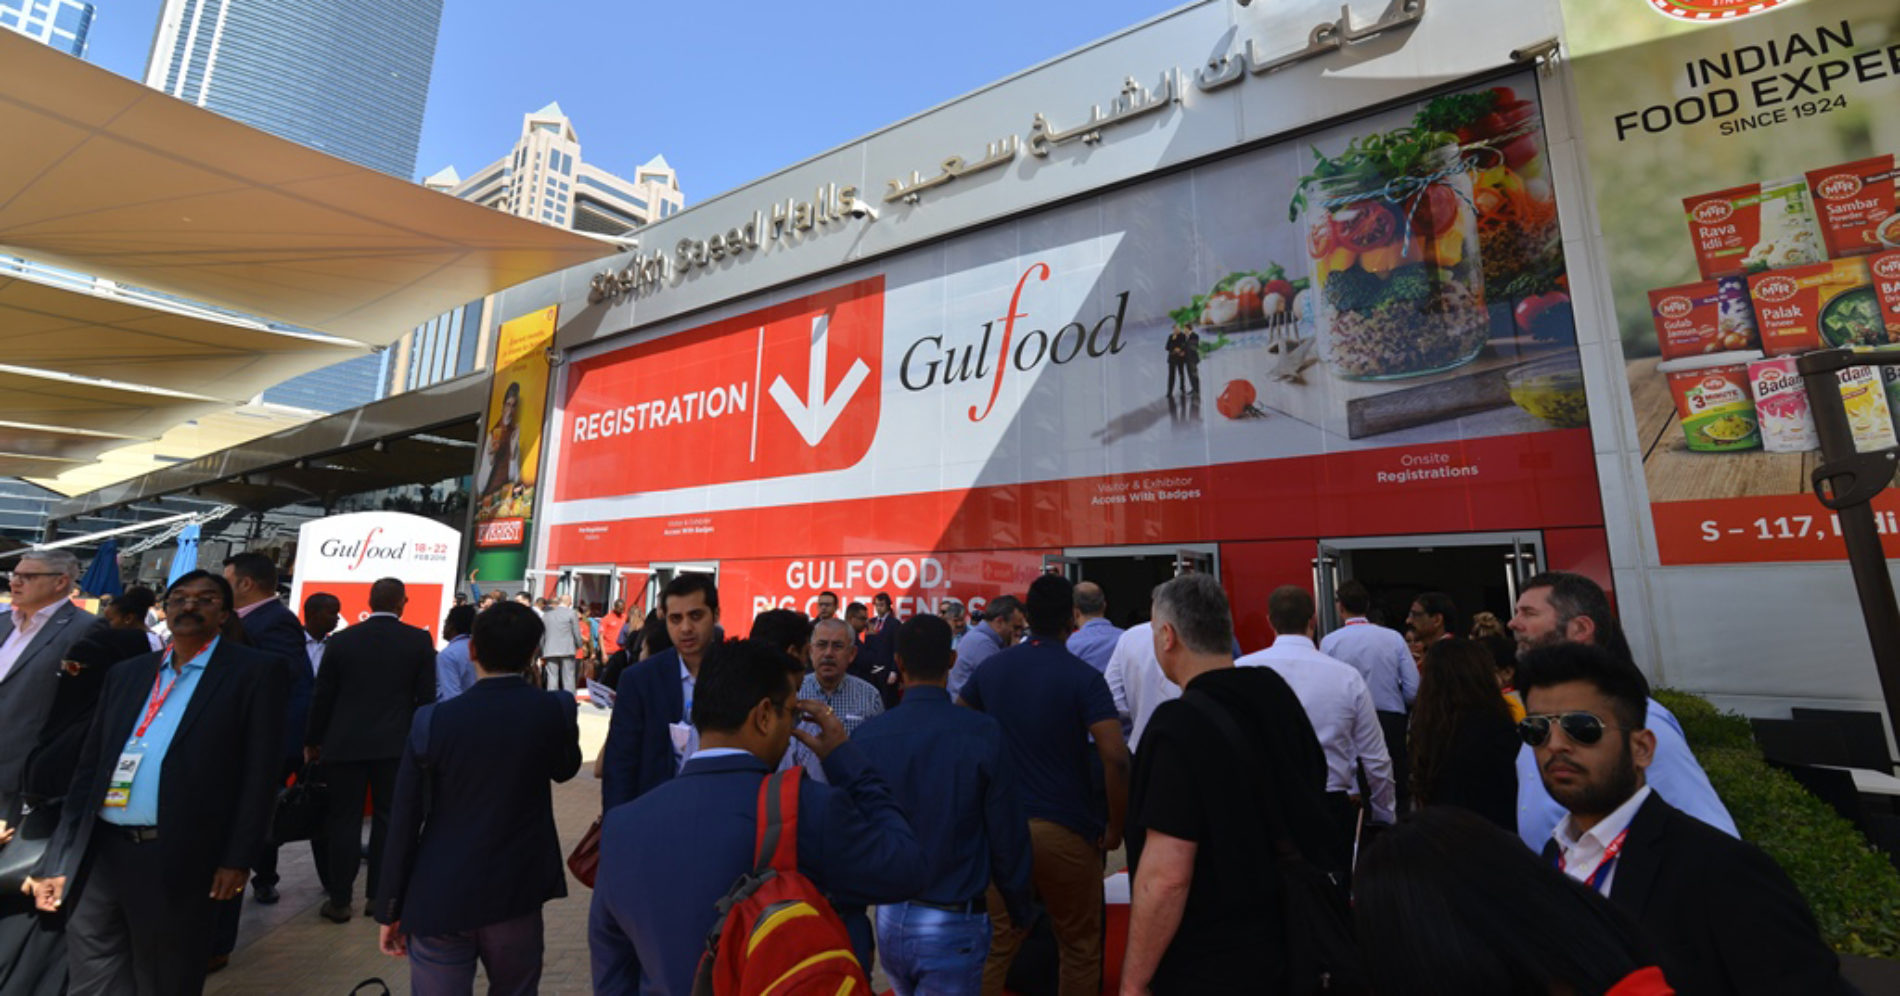 Gulfood 2018 opens